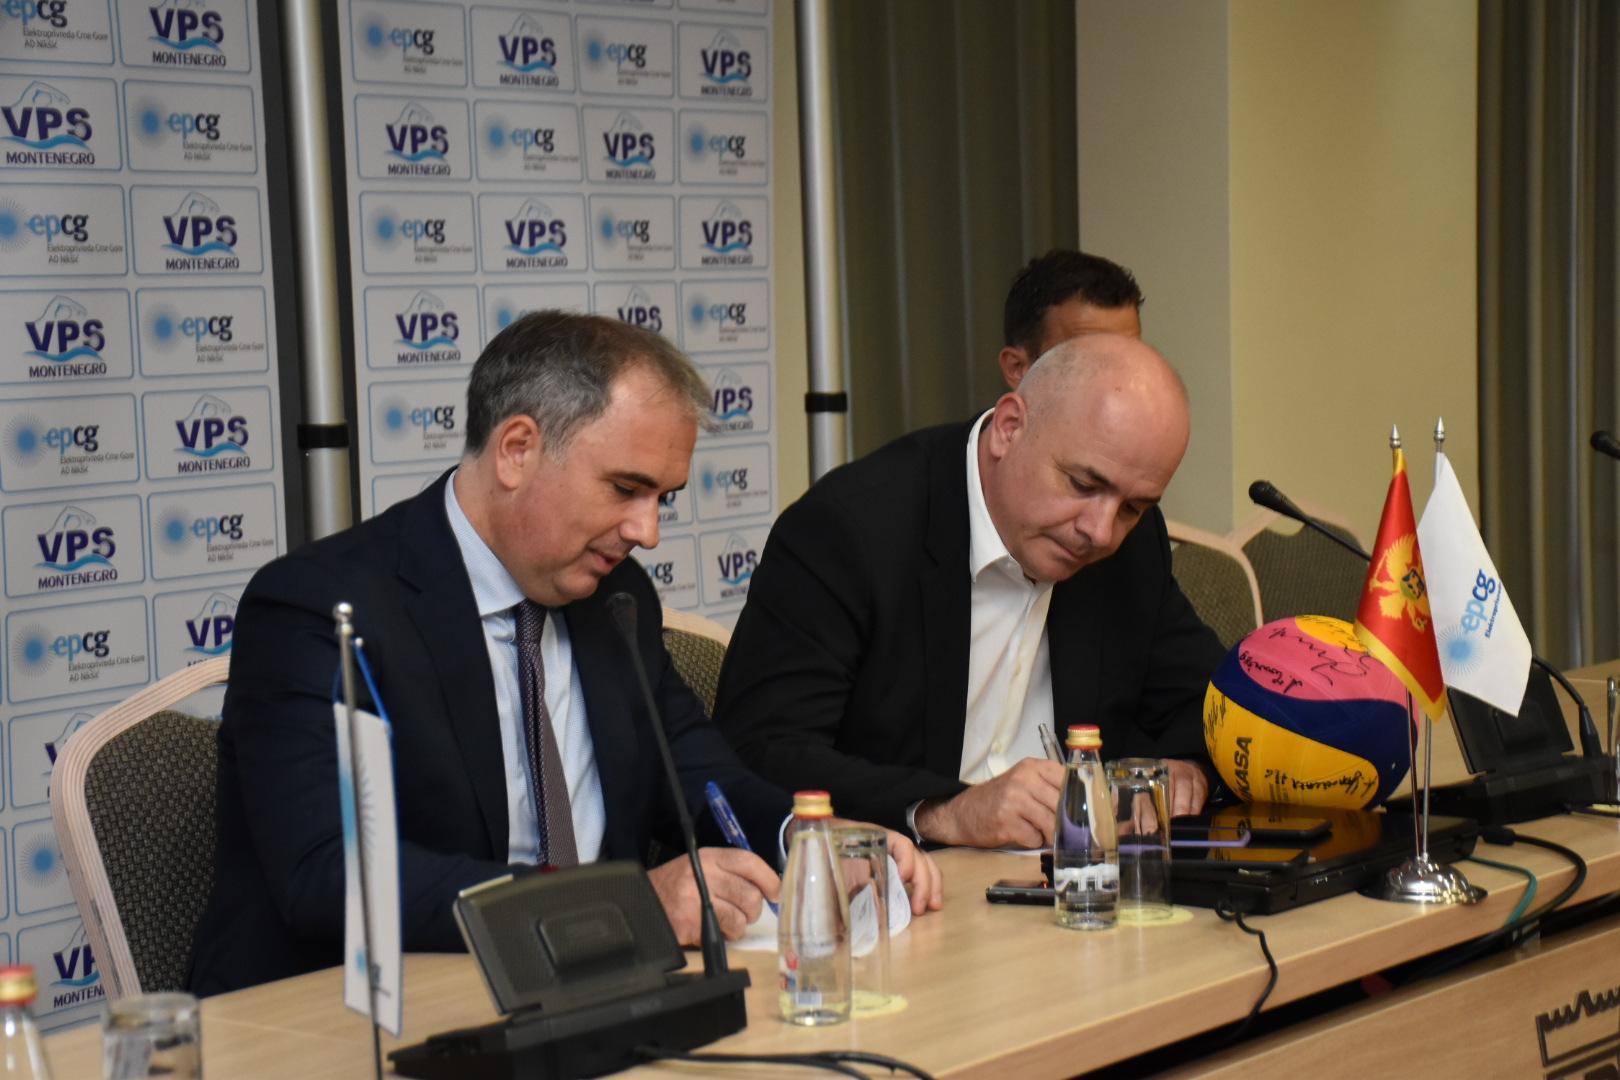 Sponzorstvo vrijedno 170.000: EPCG i dalje uz crnogorske ajkule